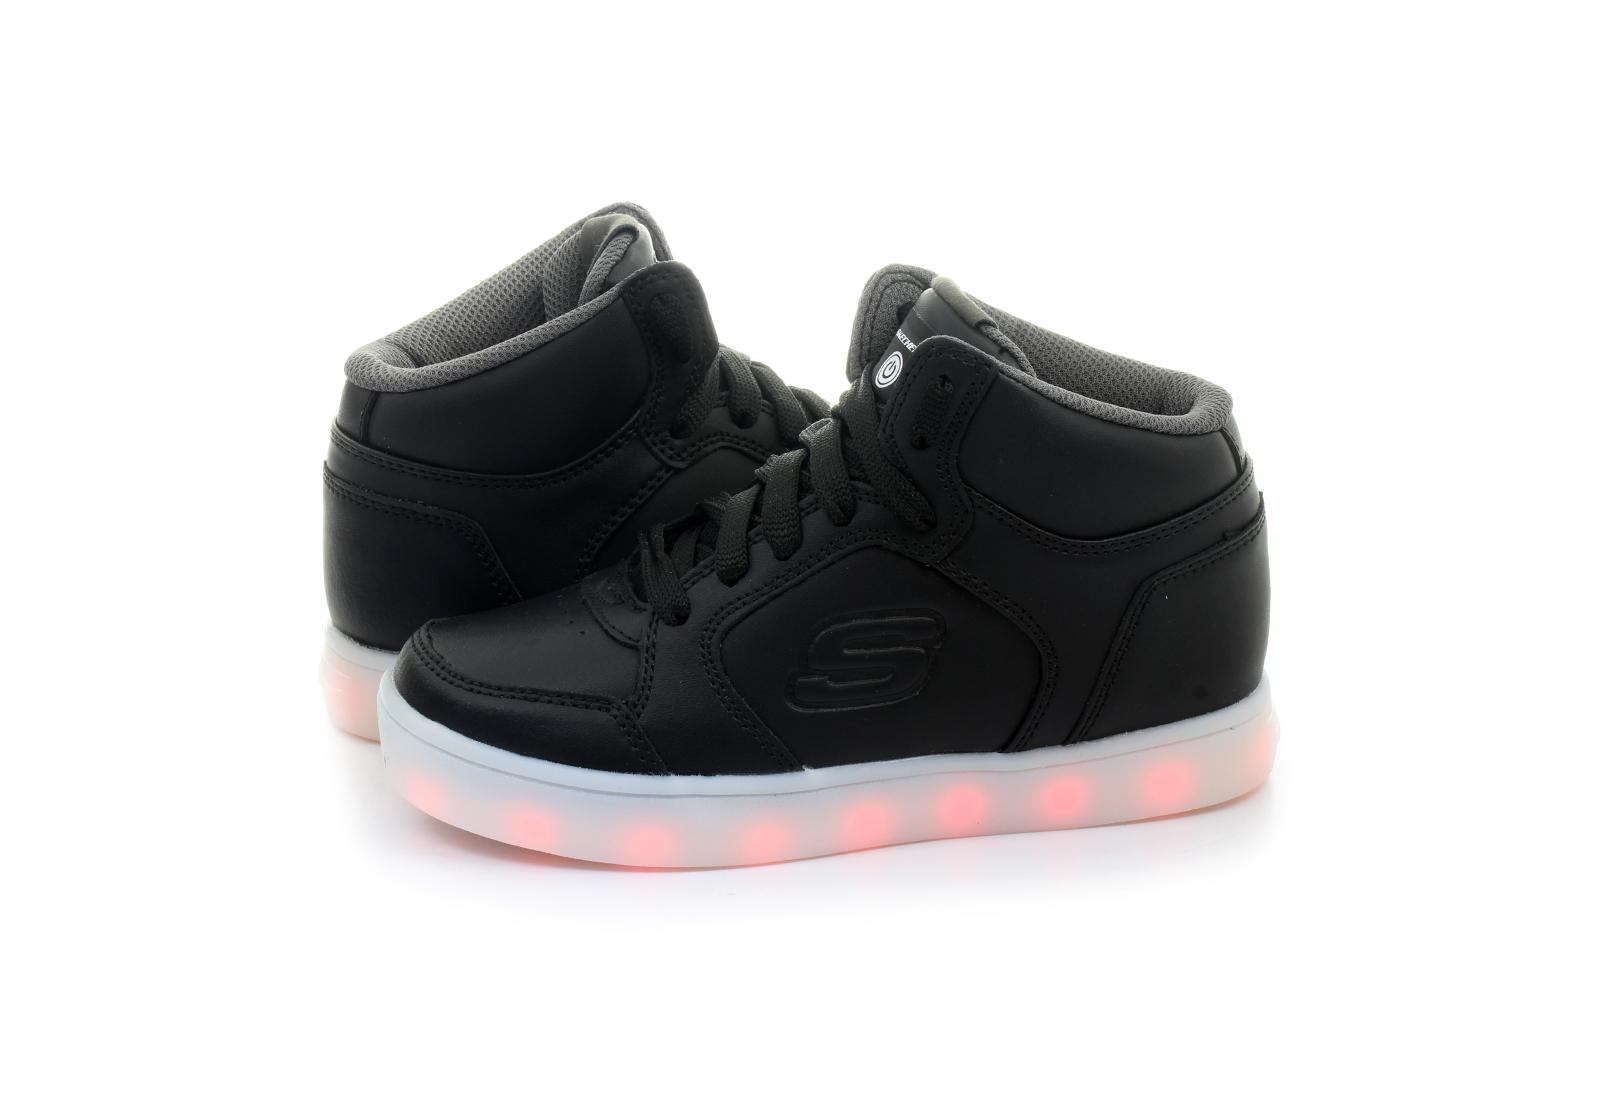 00b8480bf775 Skechers Topánky - Energy Lights - 90600l-blk - Tenisky